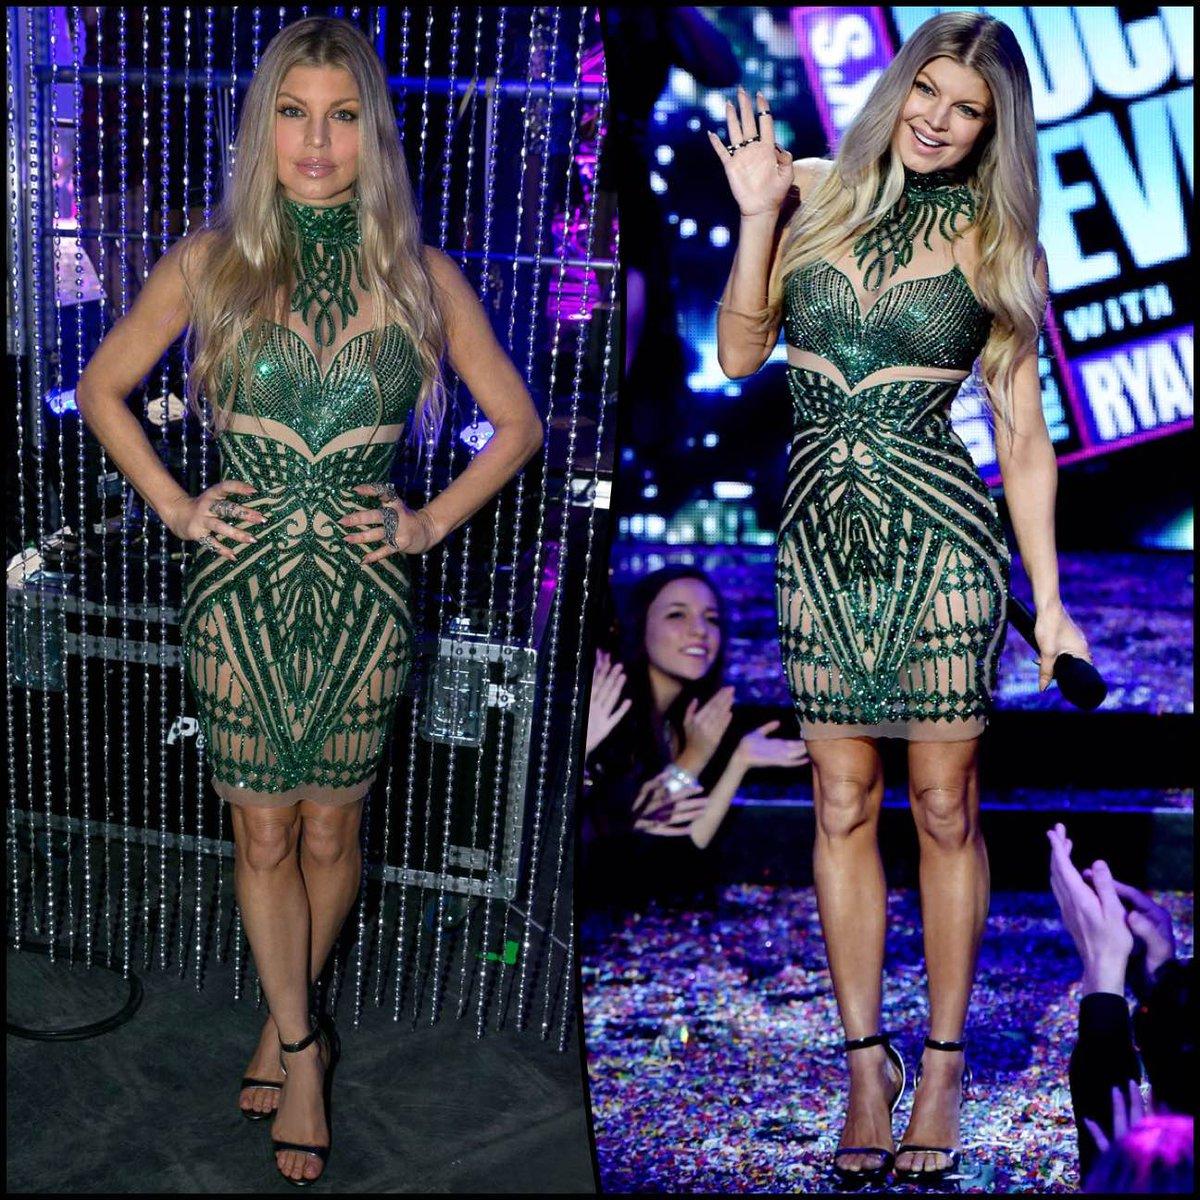 RT @FergieFootwear: #tbt 2014: @Fergie rockin' @NYRE in a @CharbelZoe #sequindress & REIGN #sandals.???? #RockinEve https://t.co/JJ81jrpj3a ht…